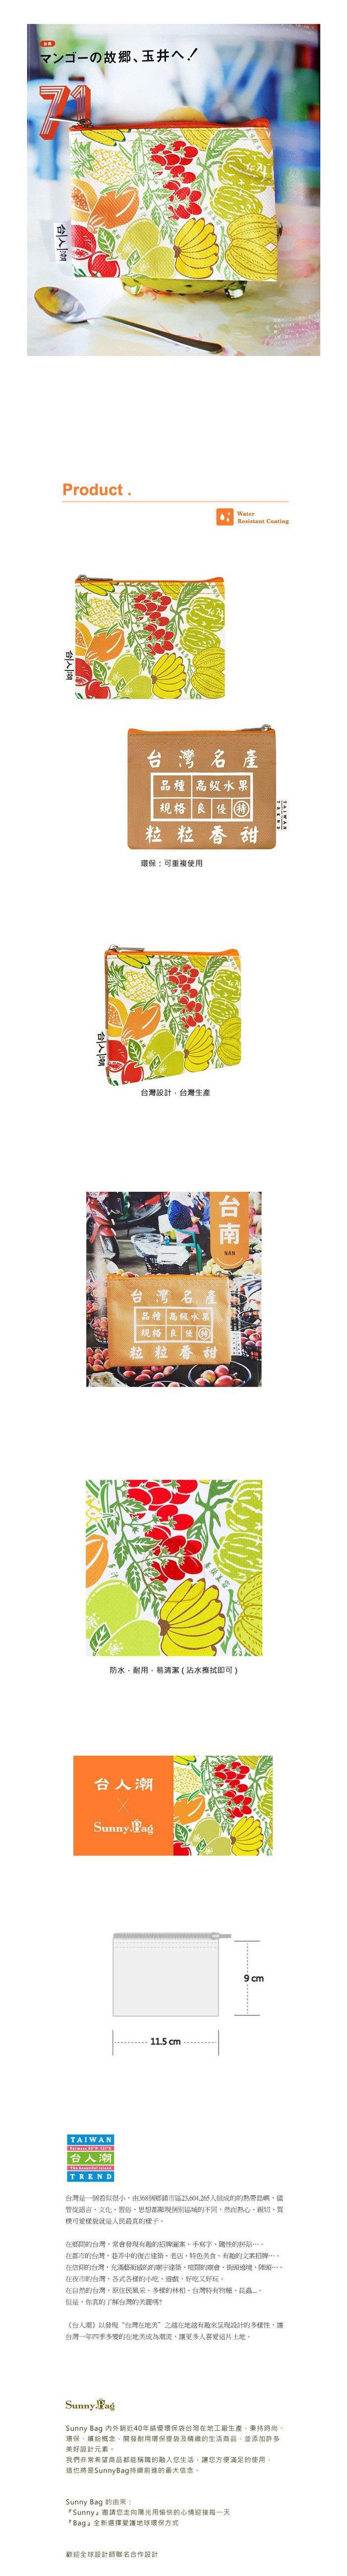 (複製)Sunny Bag 台人潮-零錢包-珍珠奶茶